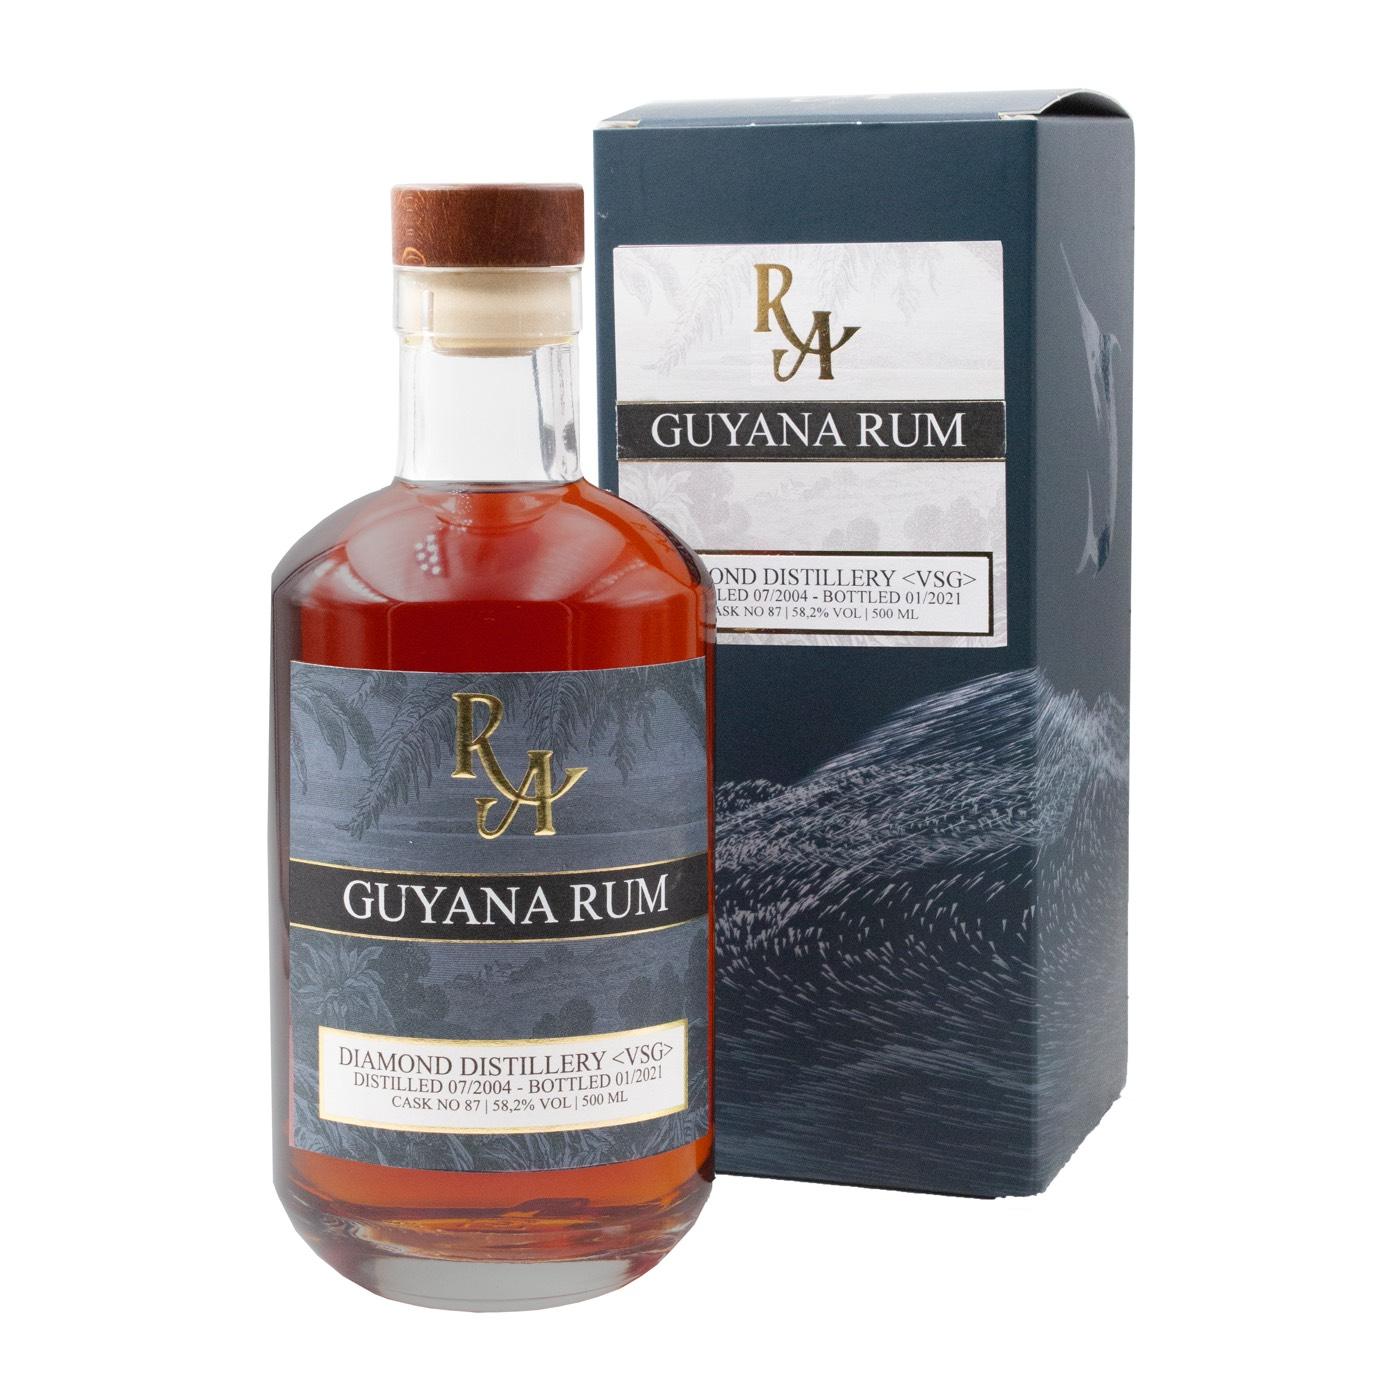 Bottle image of Rum Artesanal Guyana Rum VSG